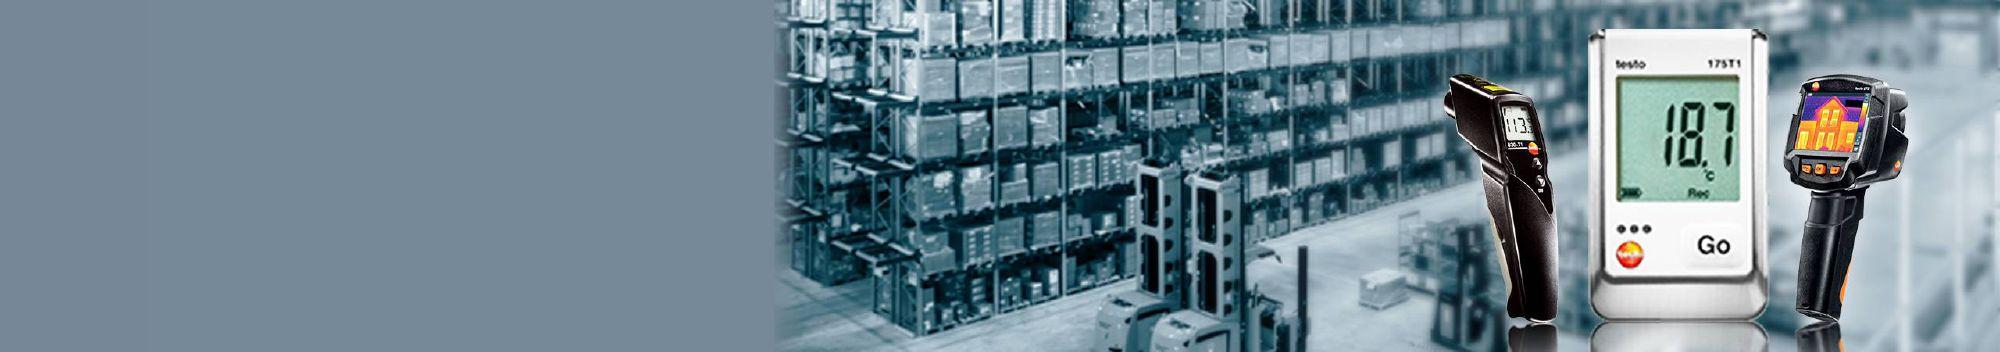 医药仓储 设施设备 </br><b>验证与维护过程</b> </br>——设备组合推荐